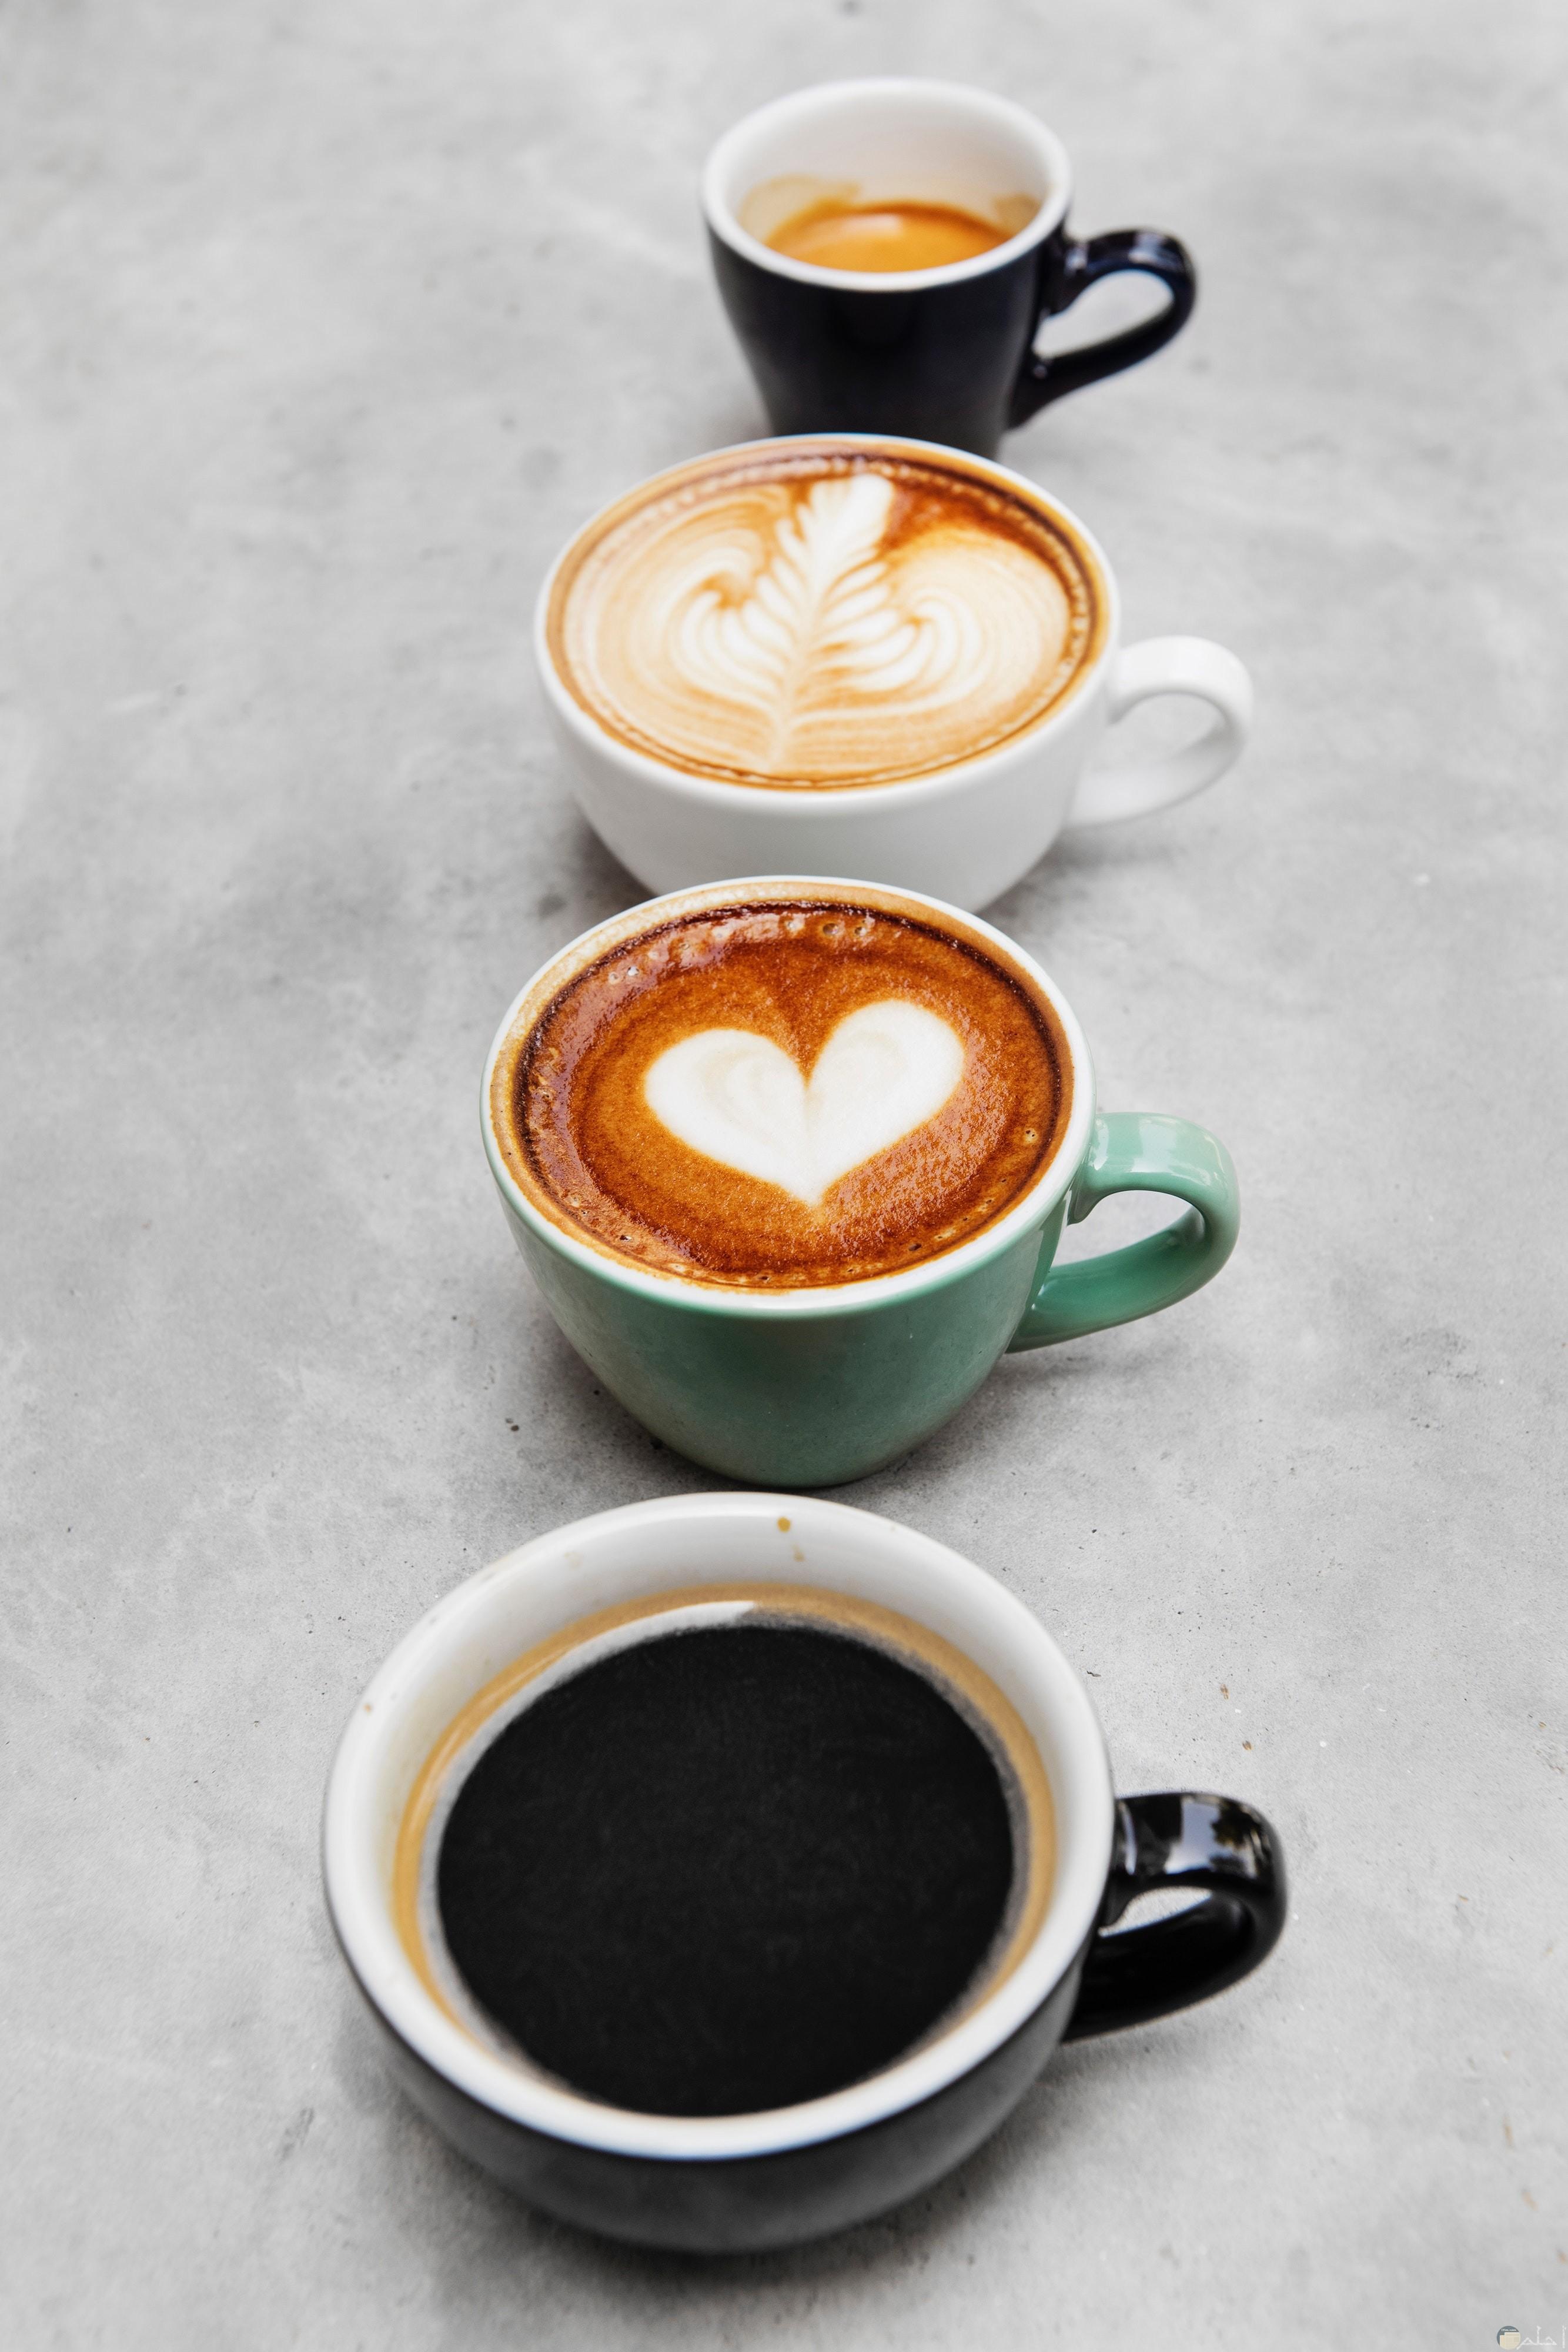 القهوة اجمل ترحيب للأصدقاء